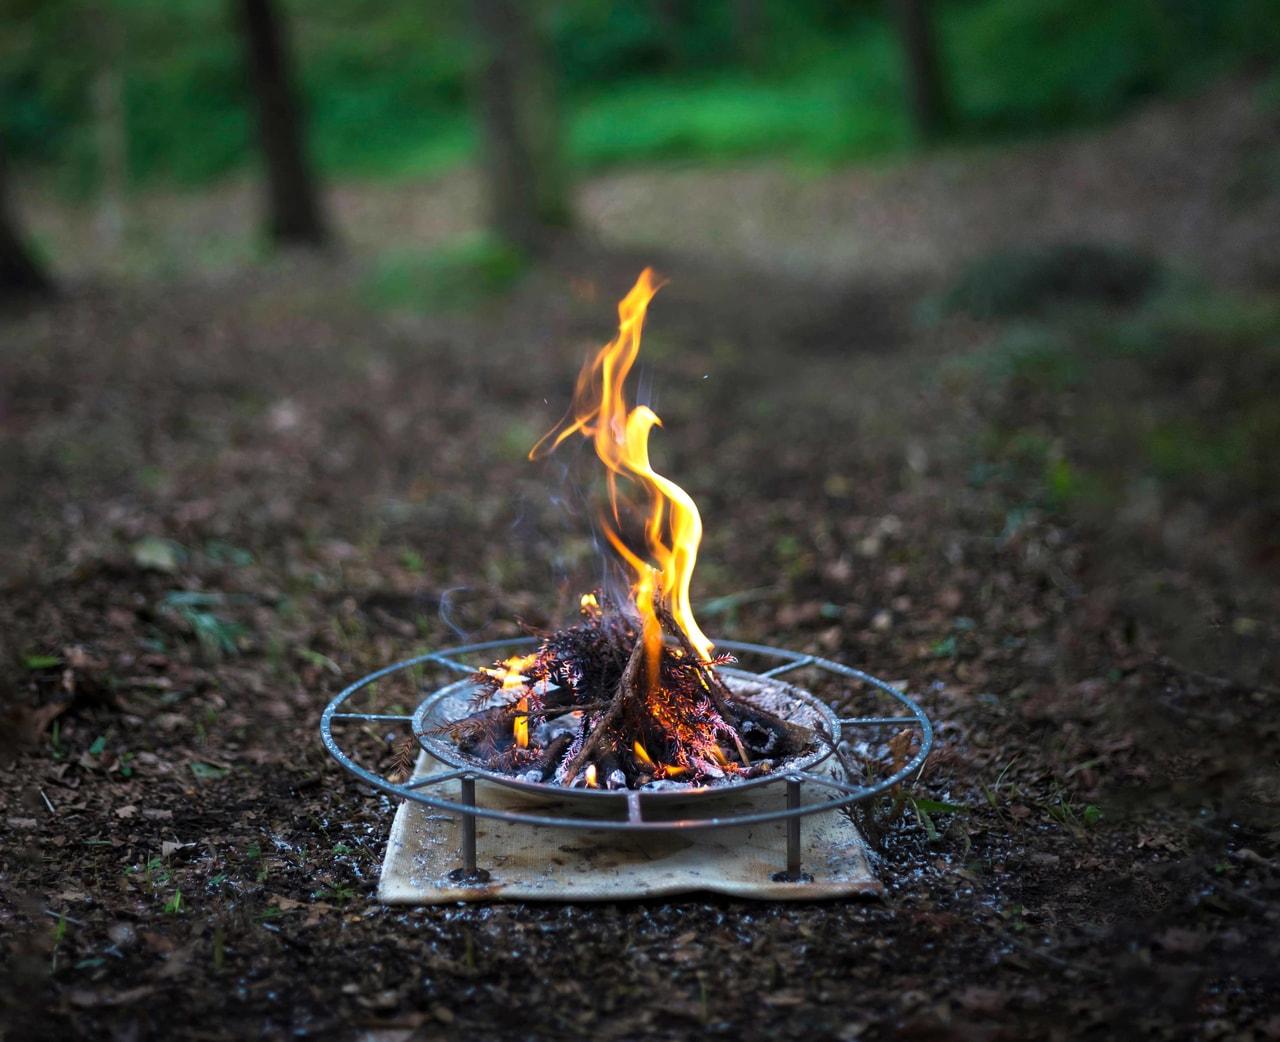 焚火台なのに直火?足元の暖かさにこだわるタキビズムの焚火台に新サイズ登場